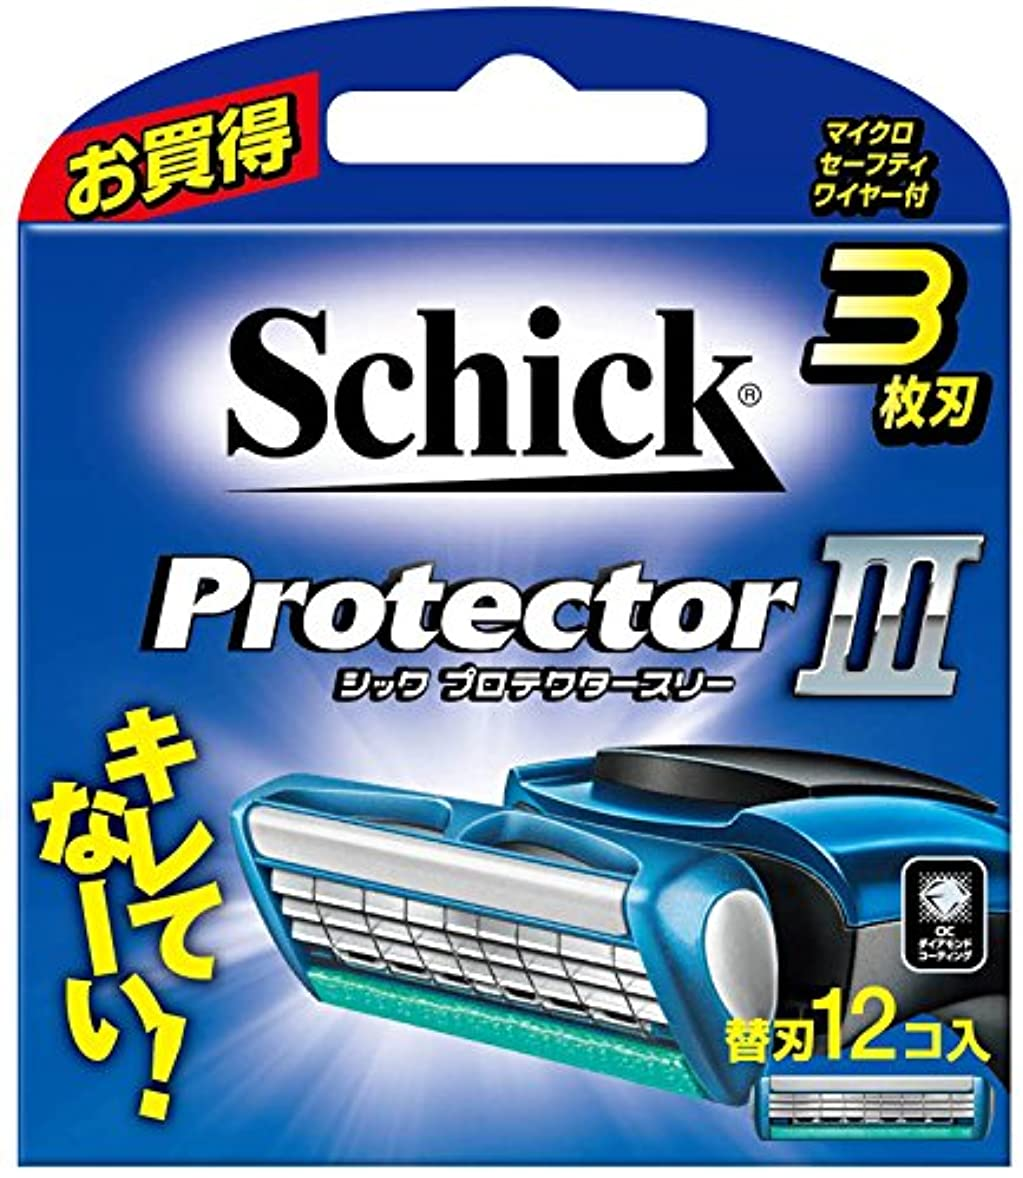 スラックかけがえのない味わうシック Schick プロテクタースリー 3枚刃 替刃 (12コ入)